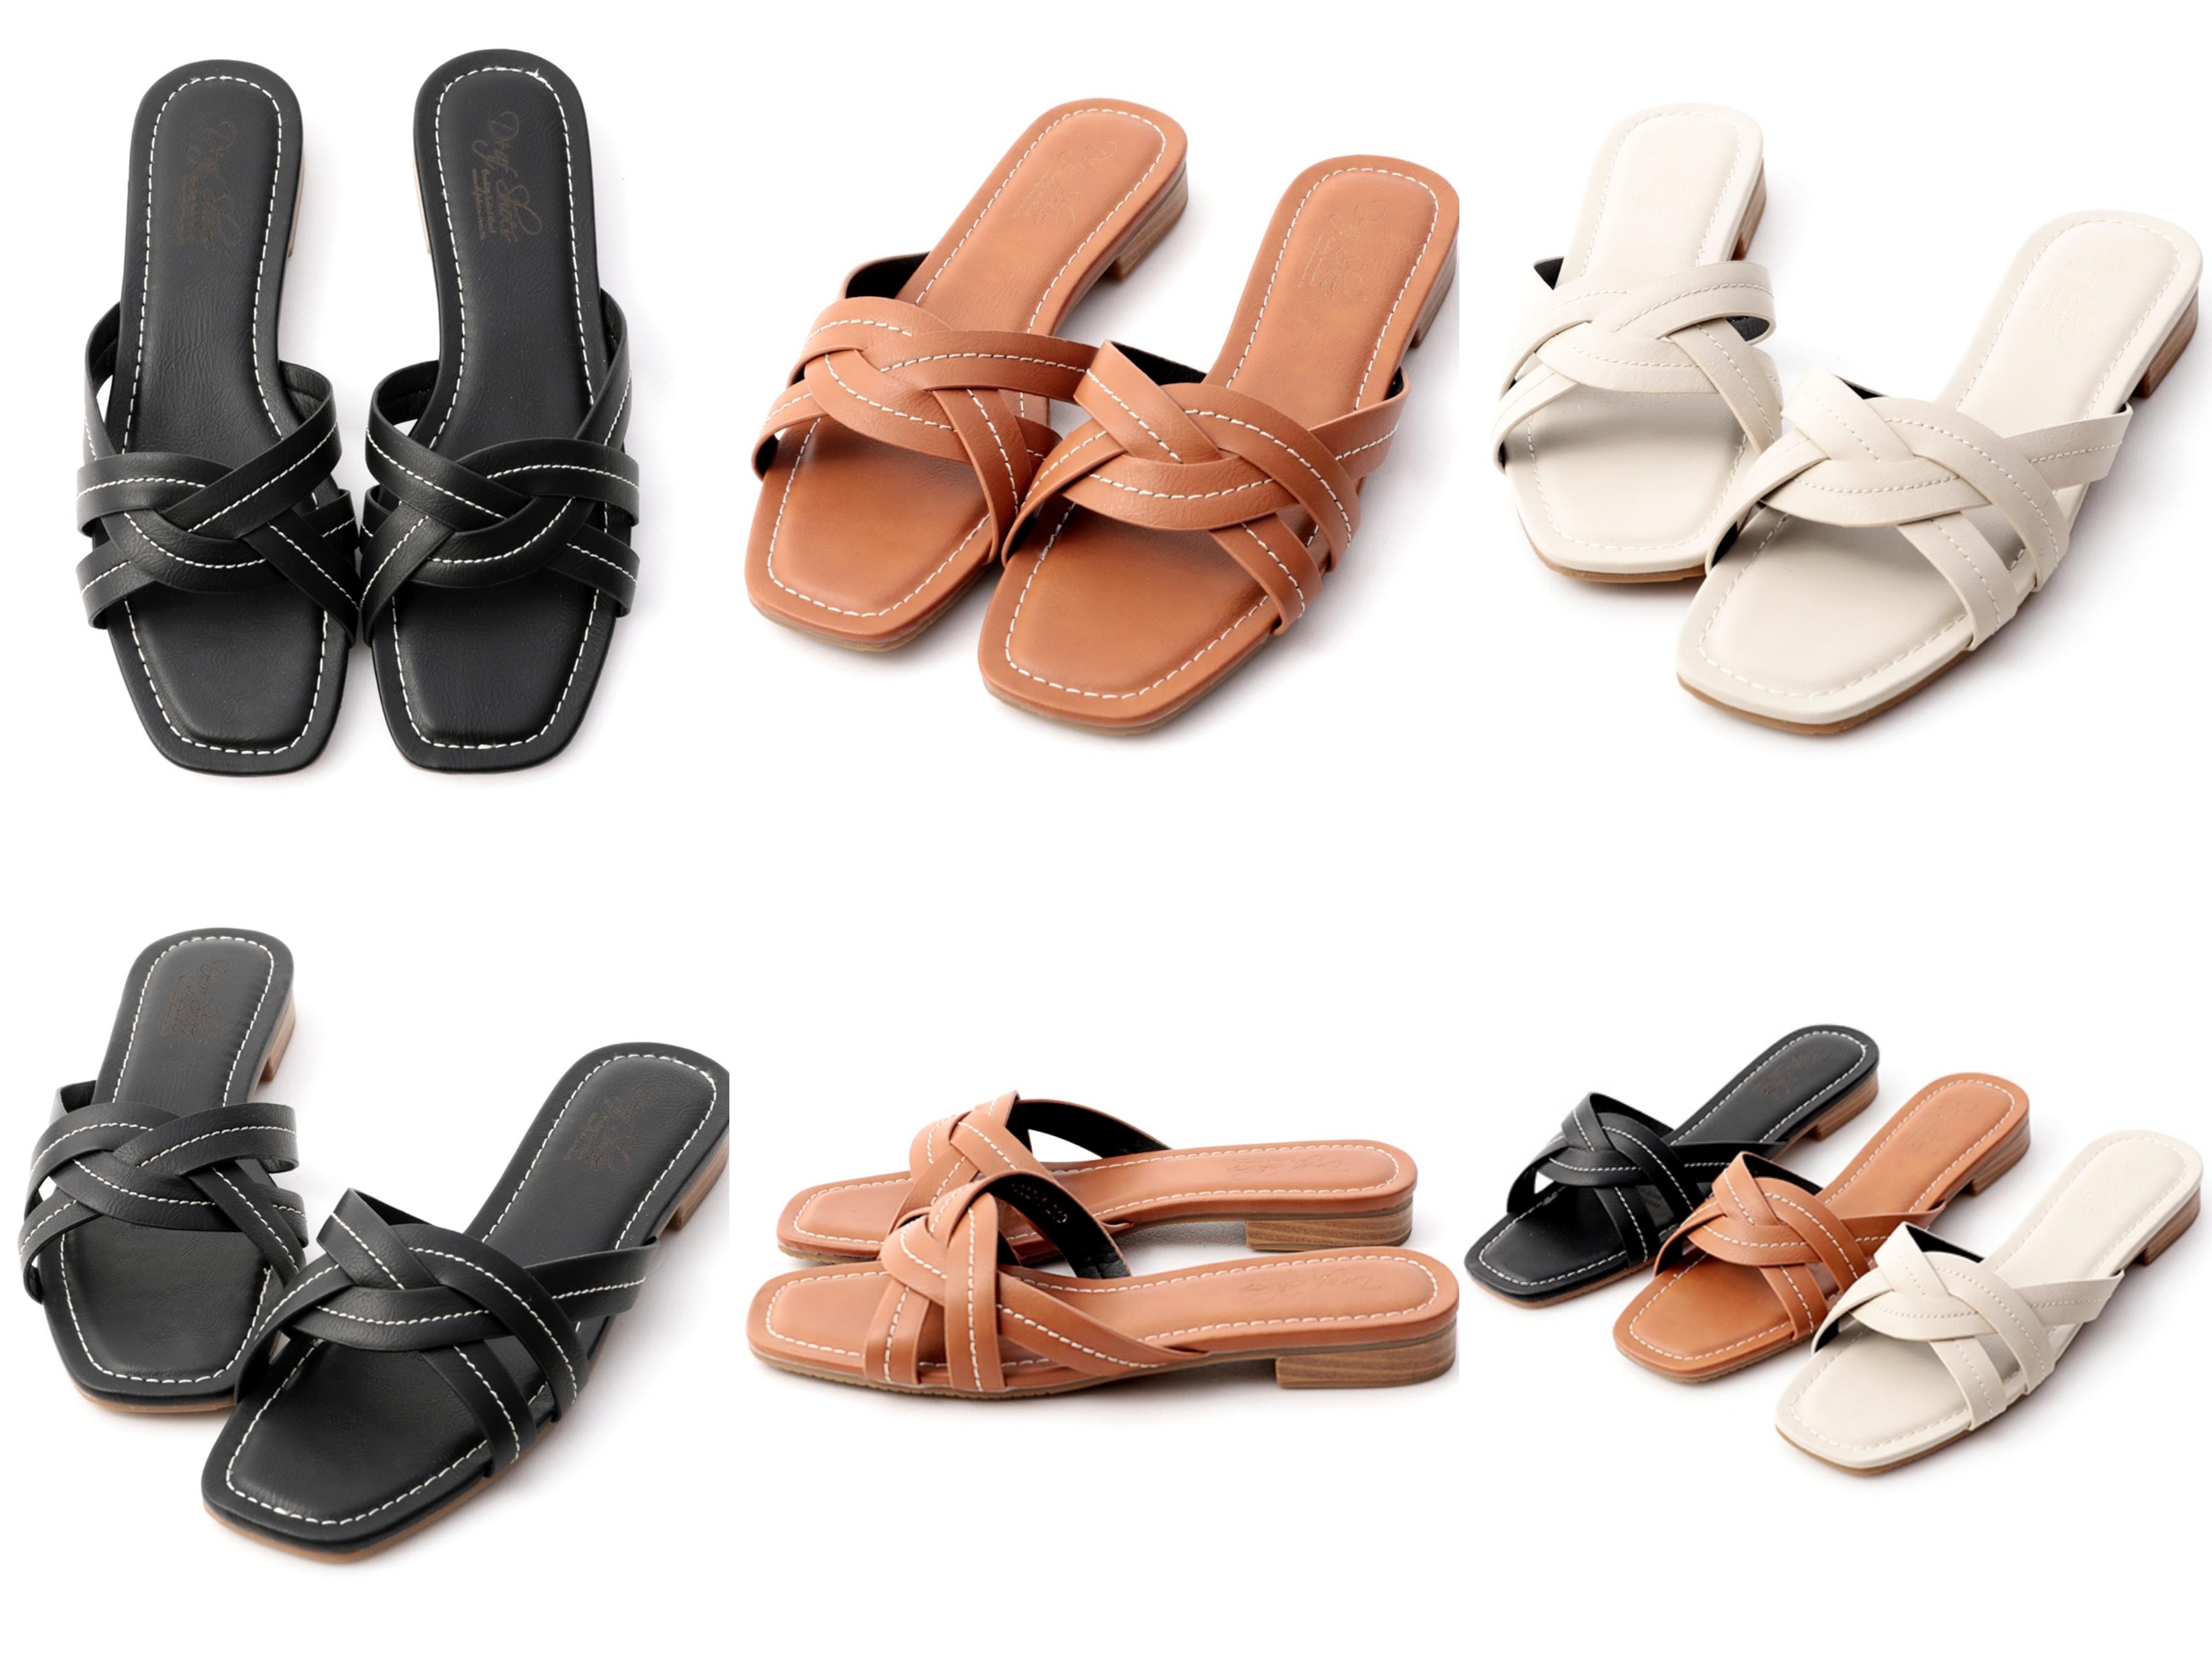 雙層交叉能提升鞋面的質感,立體車線設計巧妙點綴豐富整體感